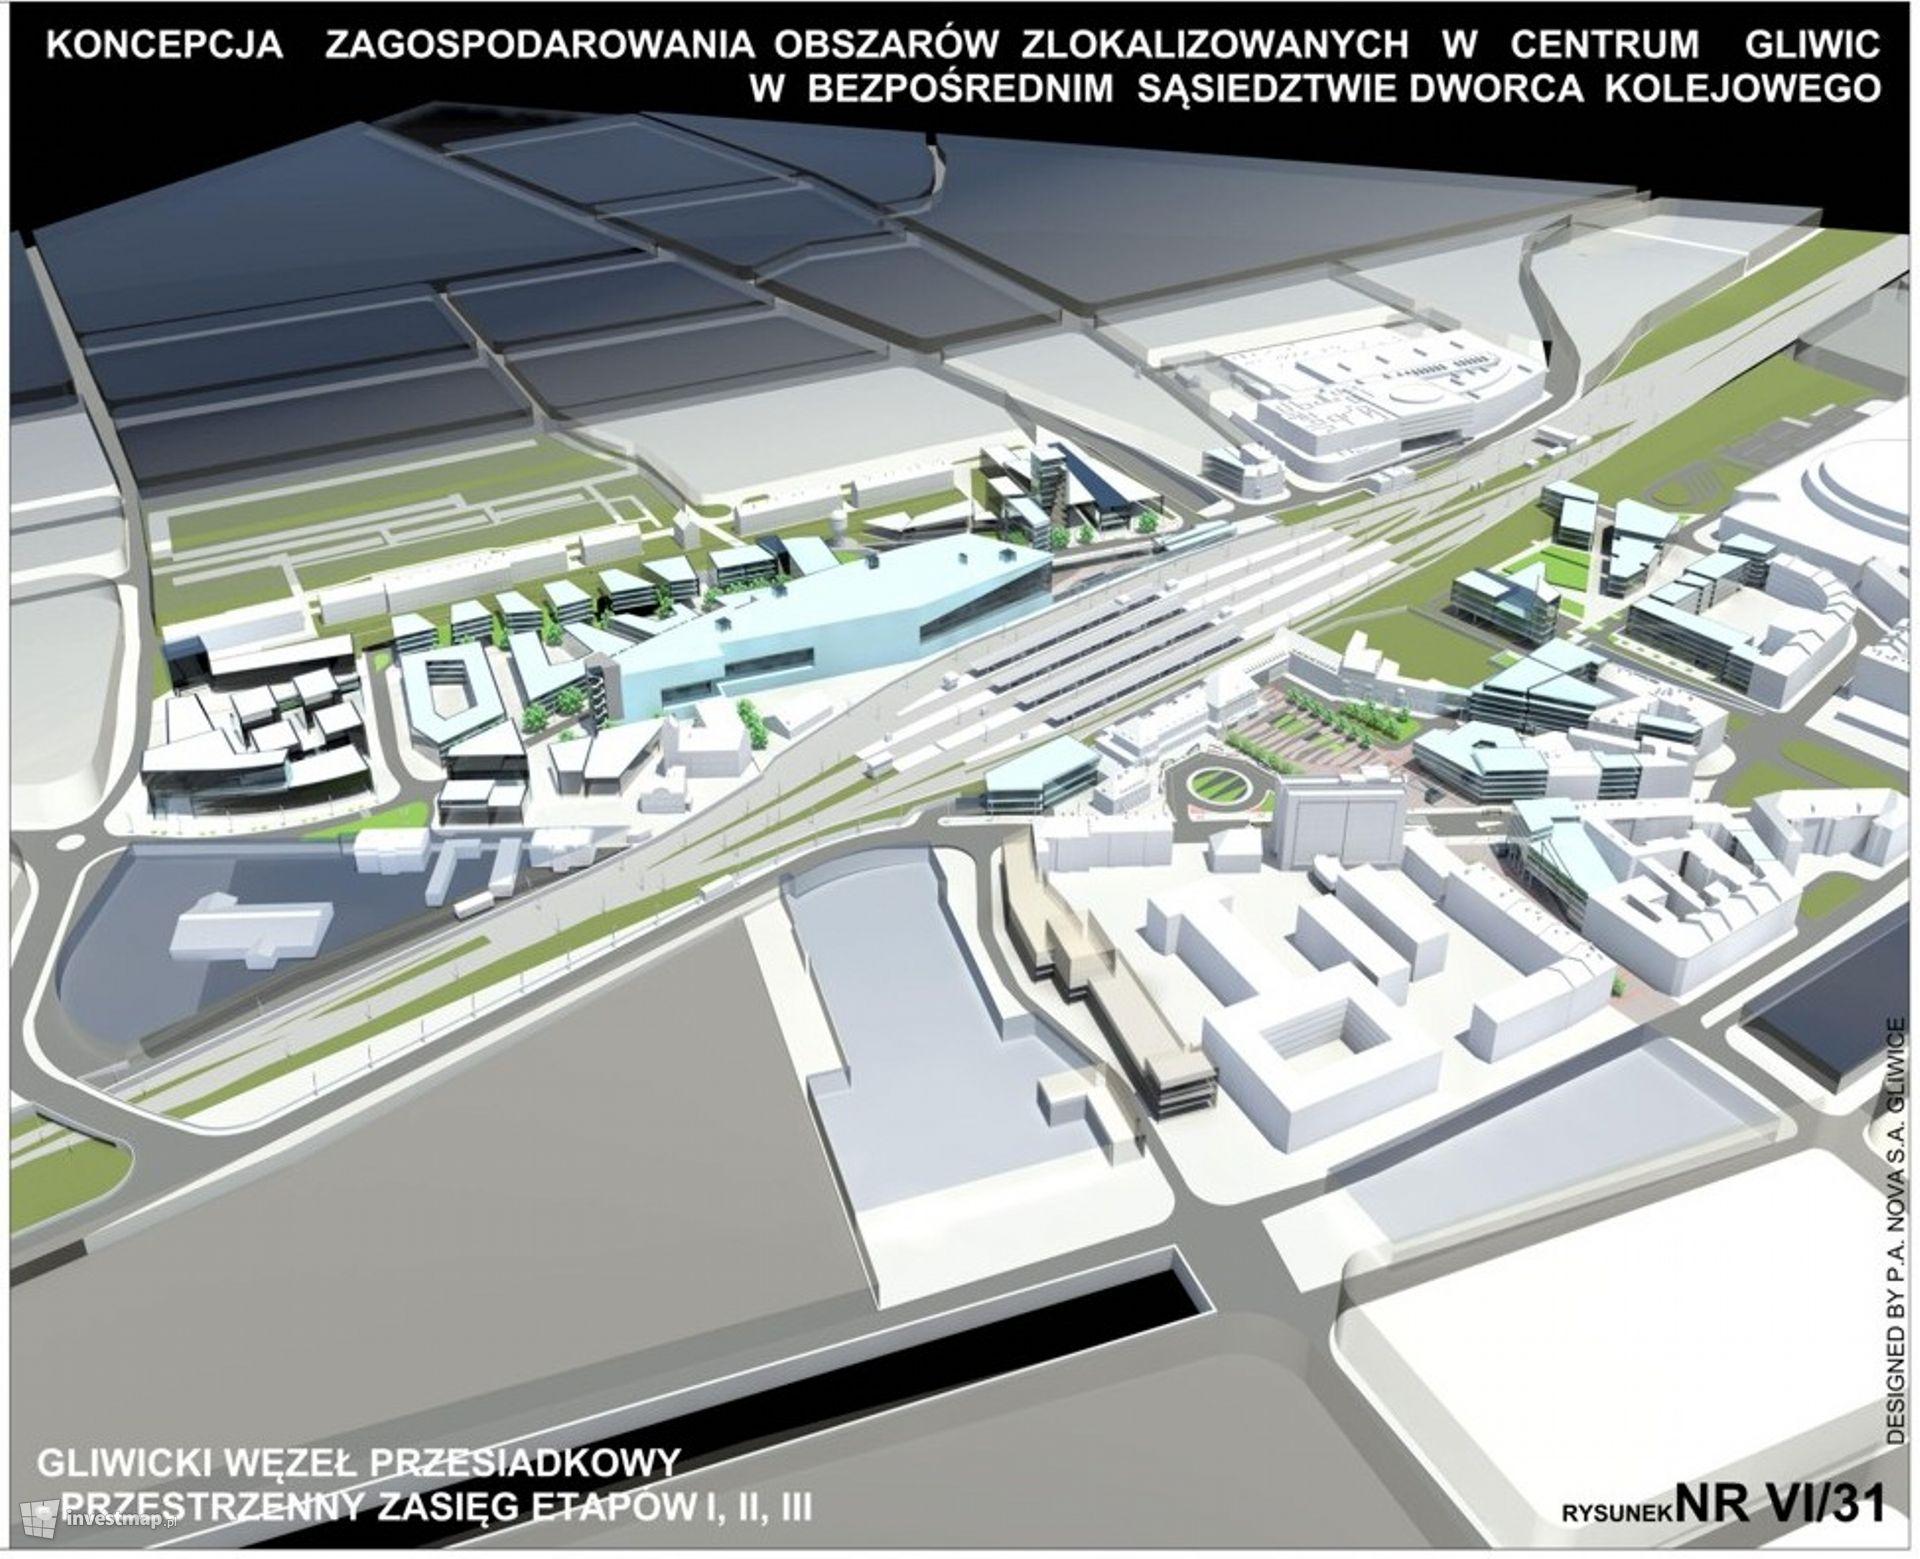 Nowe Centrum i Centralny Węzeł Przesiadkowy